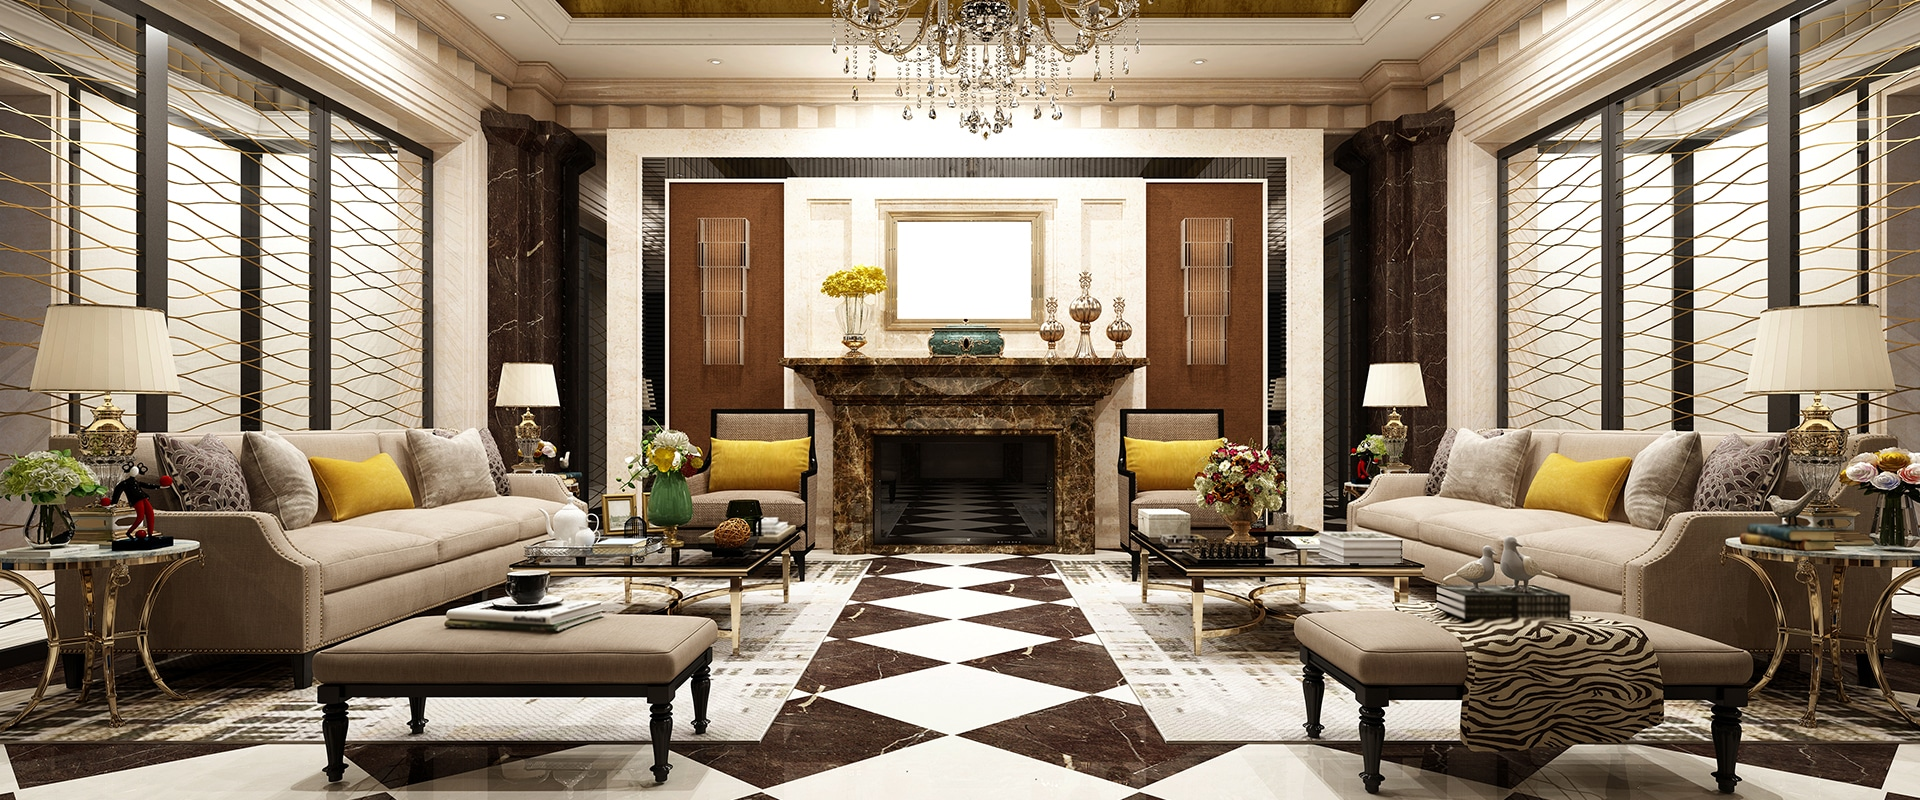 Mobiliário robusto, ornamentado e de tom mais escuro, linhas curvas e tecidos vistosos, conheça estas e outras características do estilo clássico.